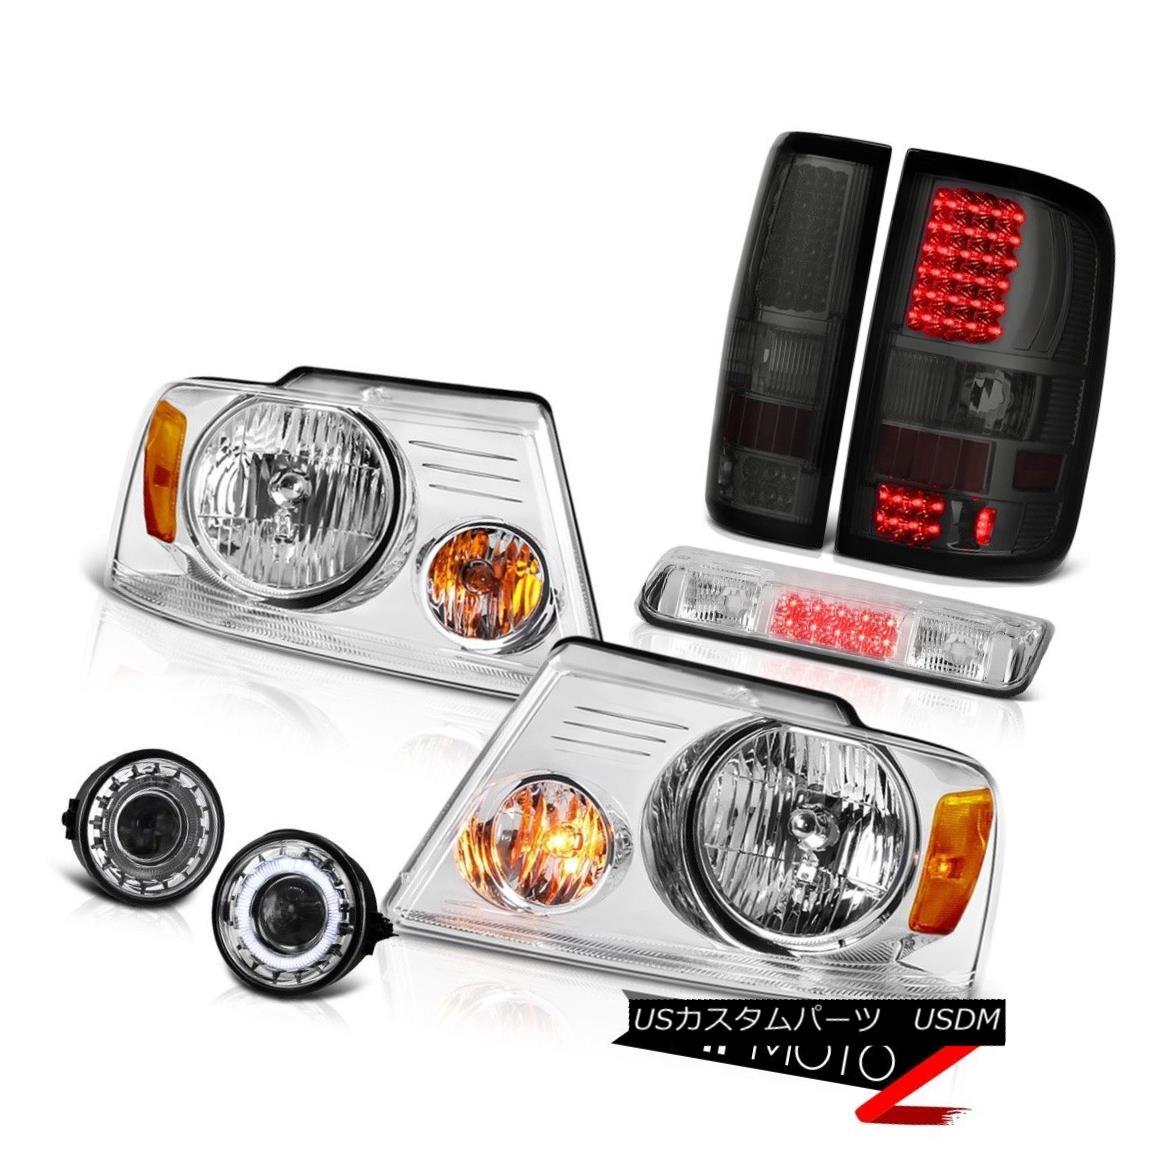 テールライト 06-08 Ford F150 XLT Euro Chrome Foglamps Roof Cab Light Headlights Tail Lights 06-08 Ford F150 XLTユーロクロームフォグランプルーフキャブライトヘッドライトテールライト